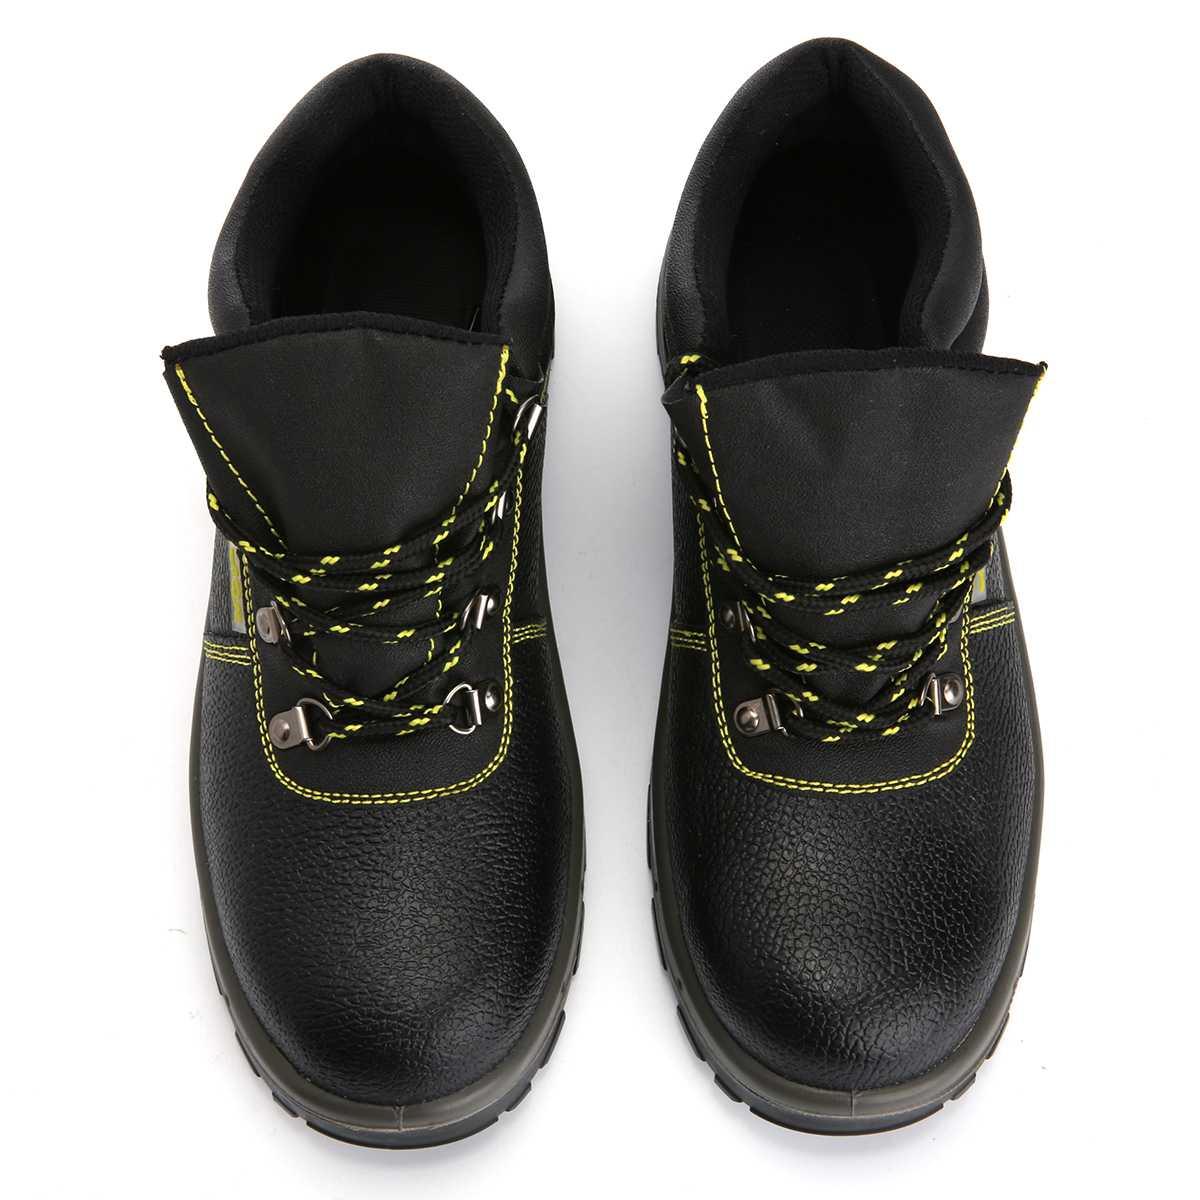 Couro Desporto Pu Nis Caça Sapatos Botas Com Homens Caminhadas Biqueira Anti Novo Soldagem Atrego Aço De Trabalho esmagamento Ankle Segurança Boots BEHHwqx4